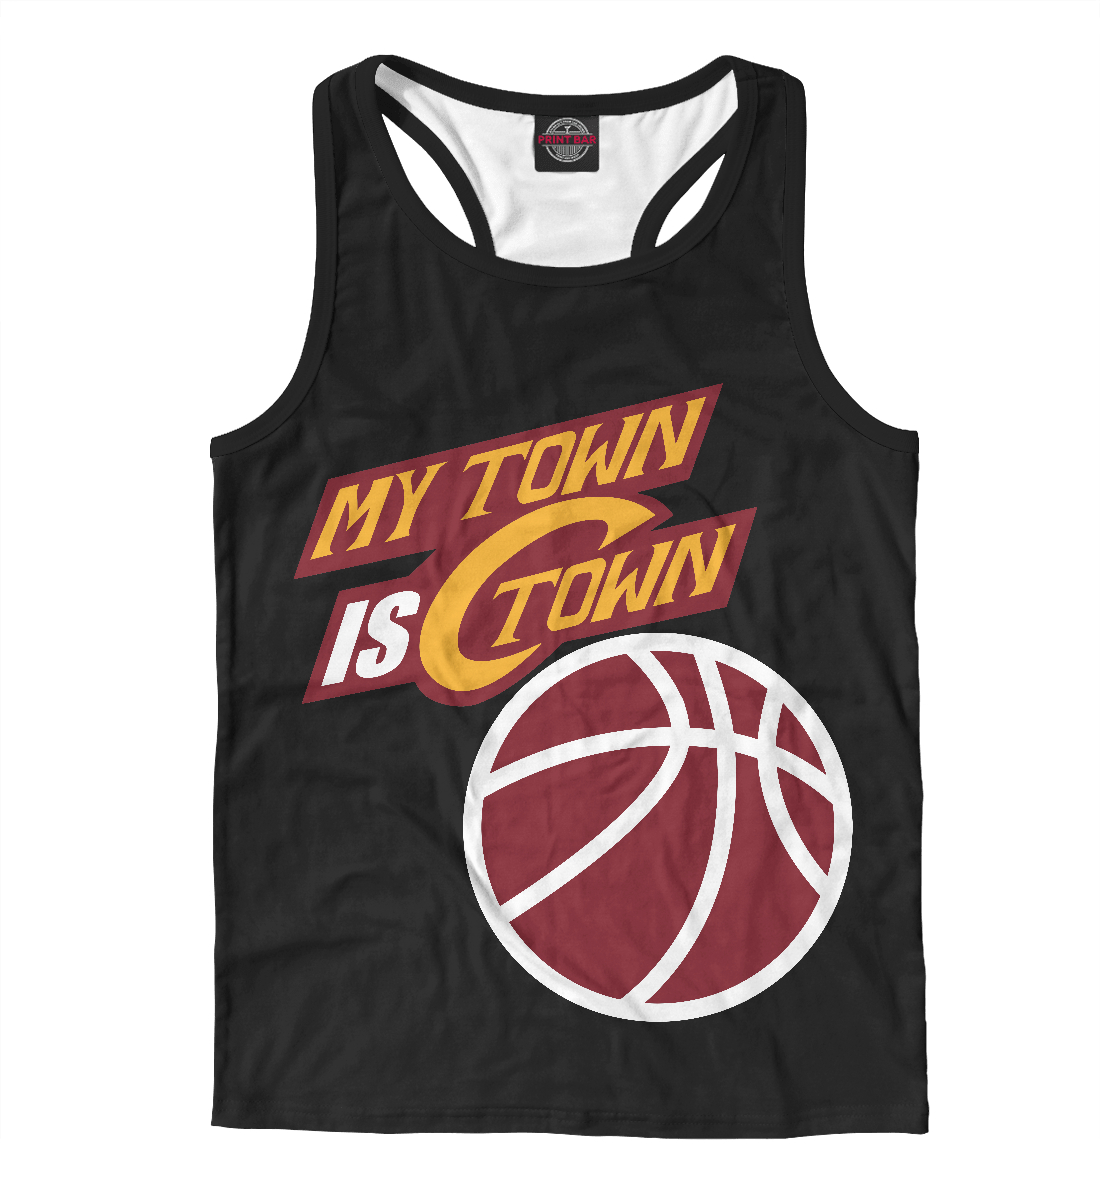 Купить Calaviers Town, Printbar, Майки борцовки, NBA-780696-mayb-2